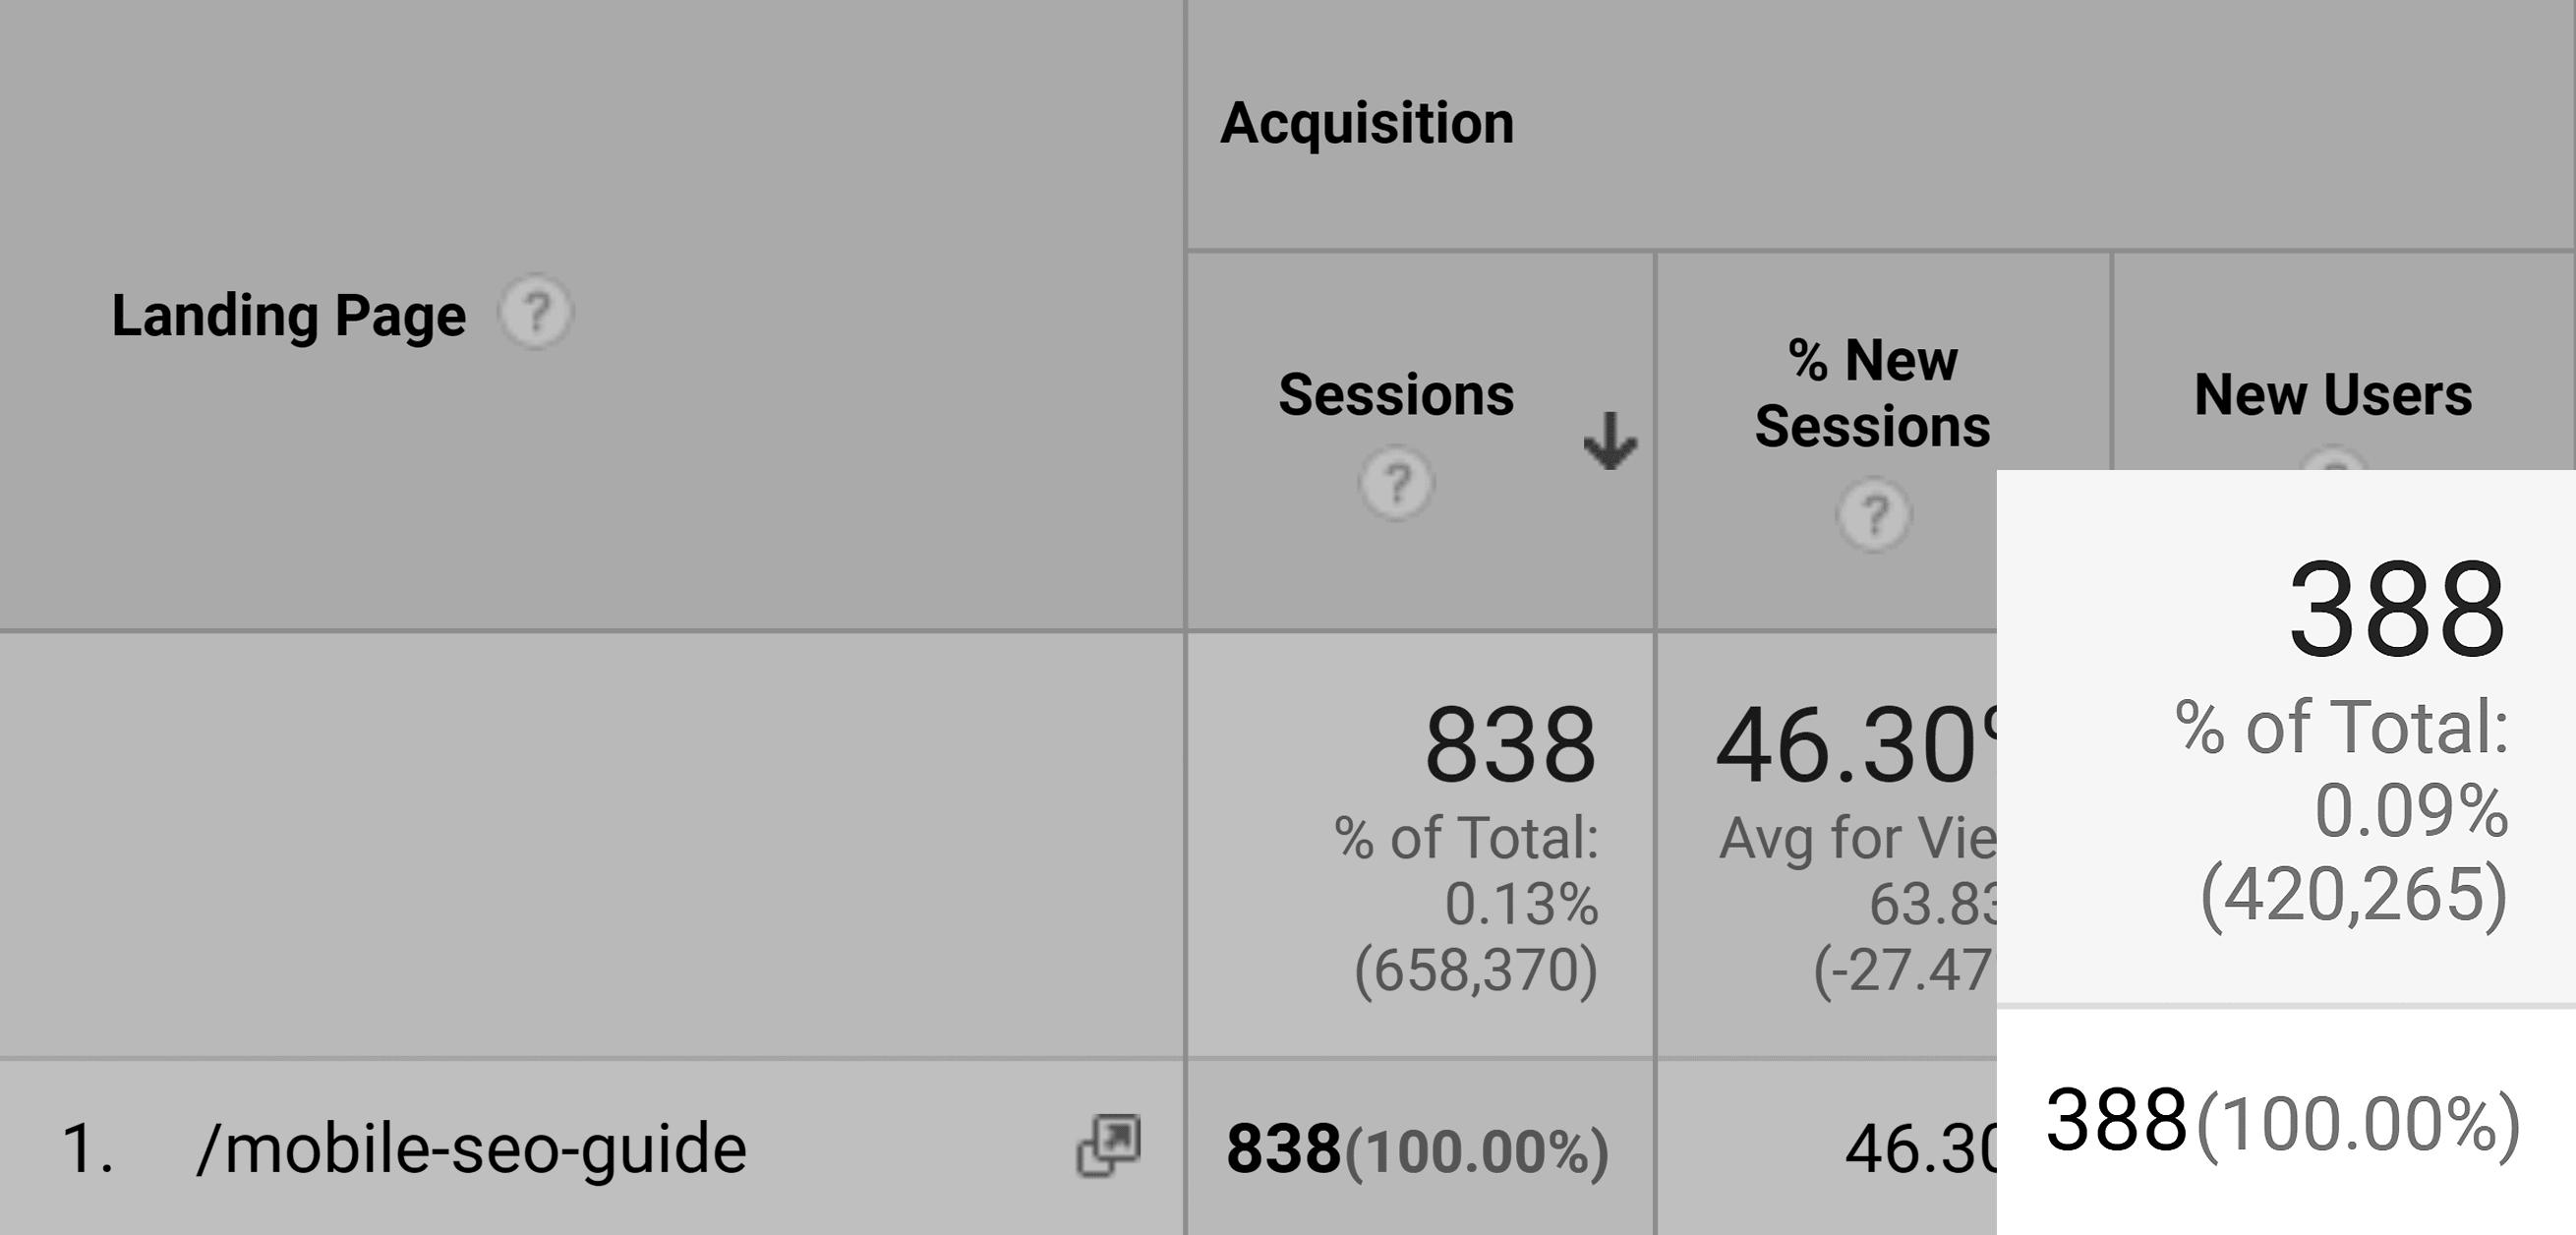 移动搜索引擎优化指南——每月用户